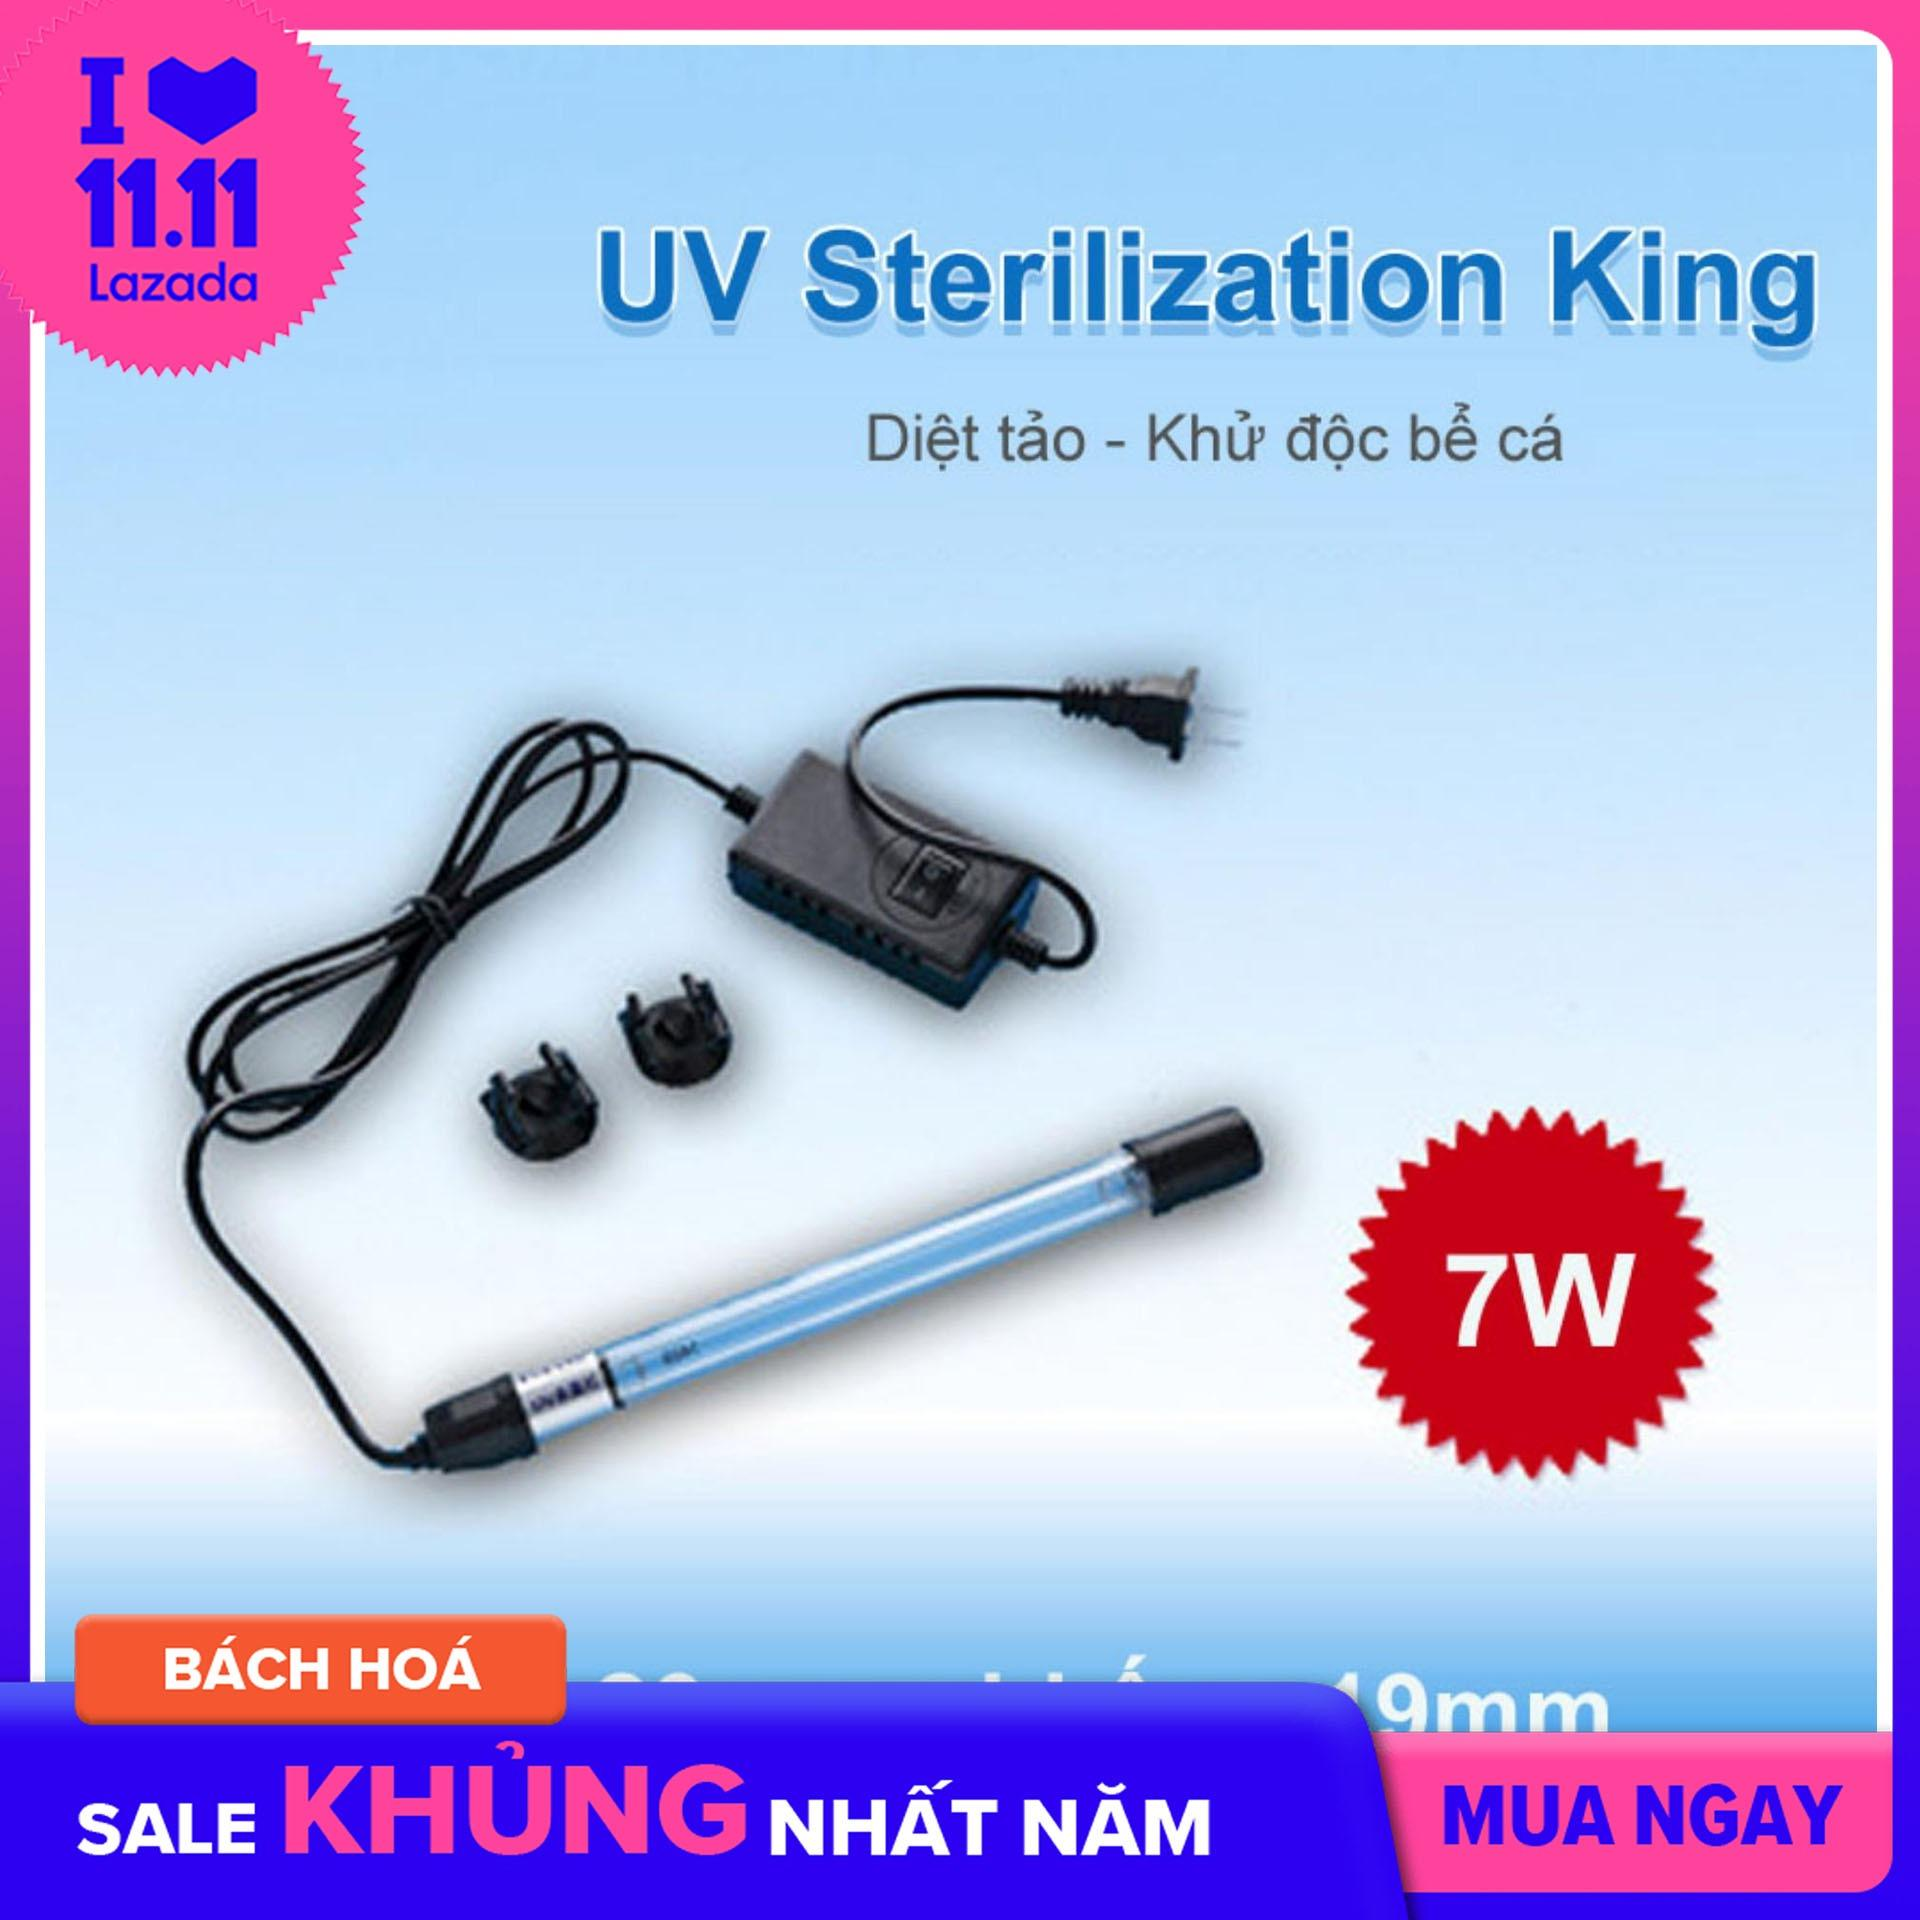 Bóng đèn Sterilization King hồ cá 7w